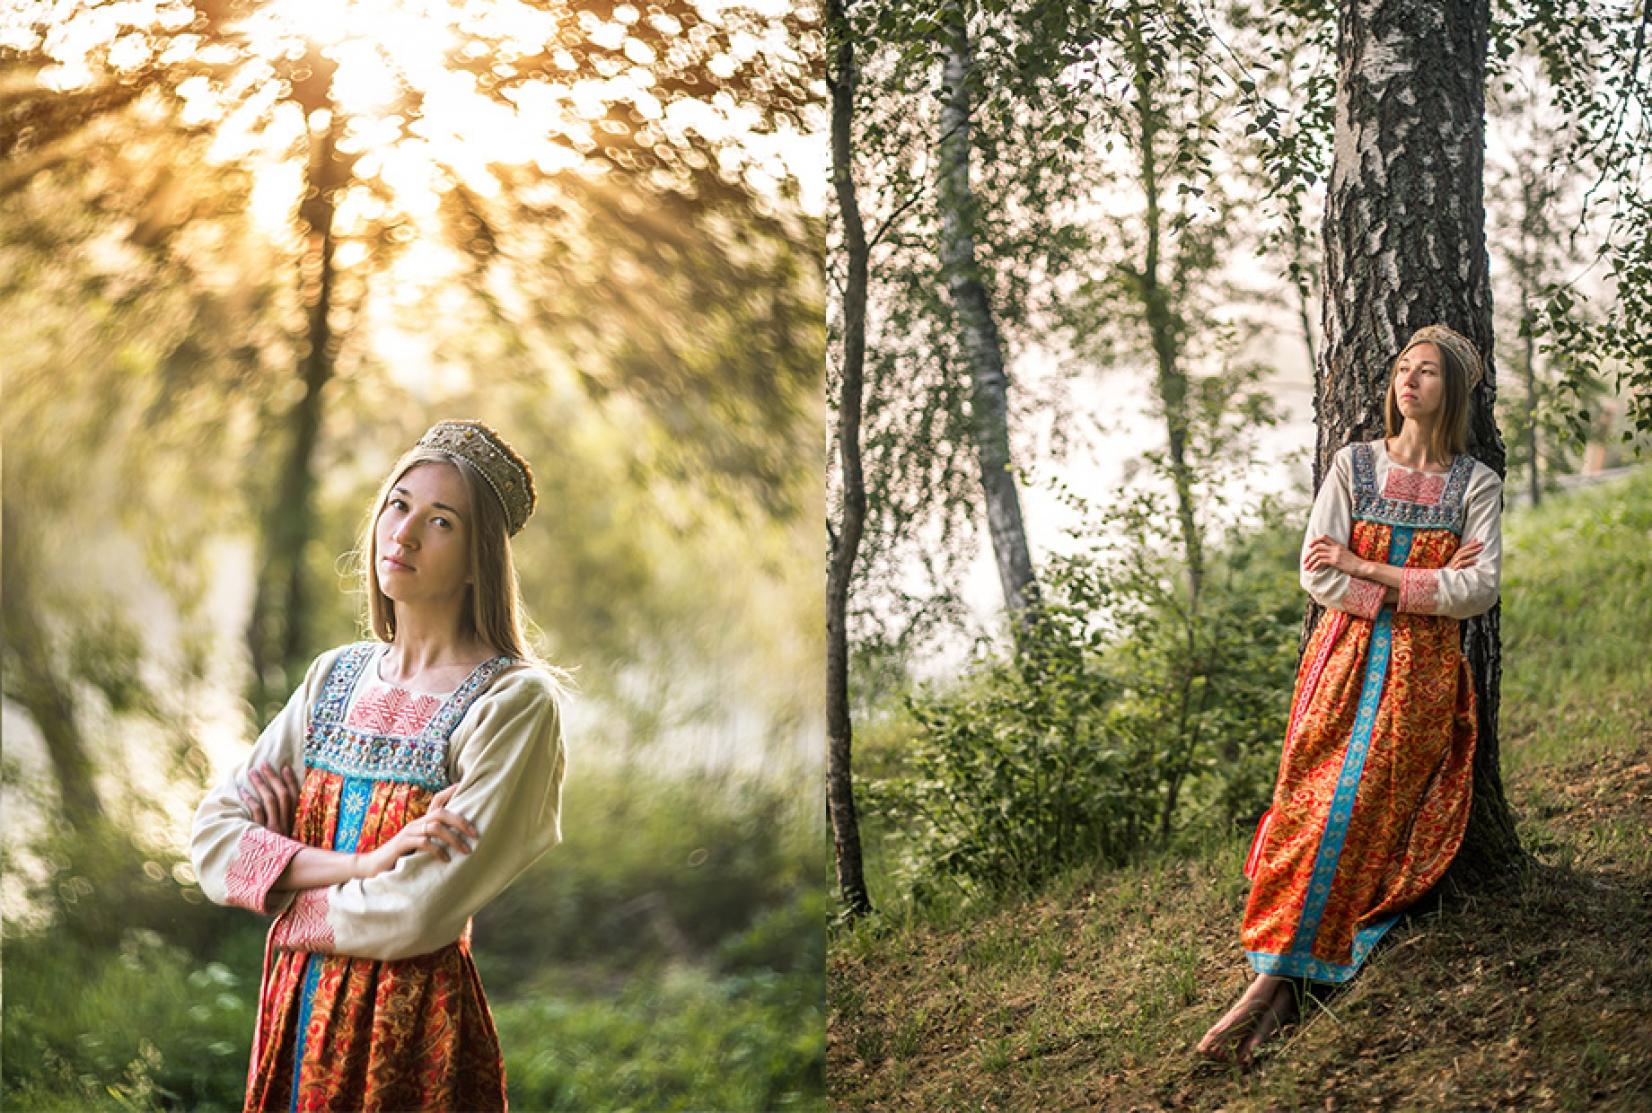 Девушка в русском народном платье в лесу на заре фотосессия